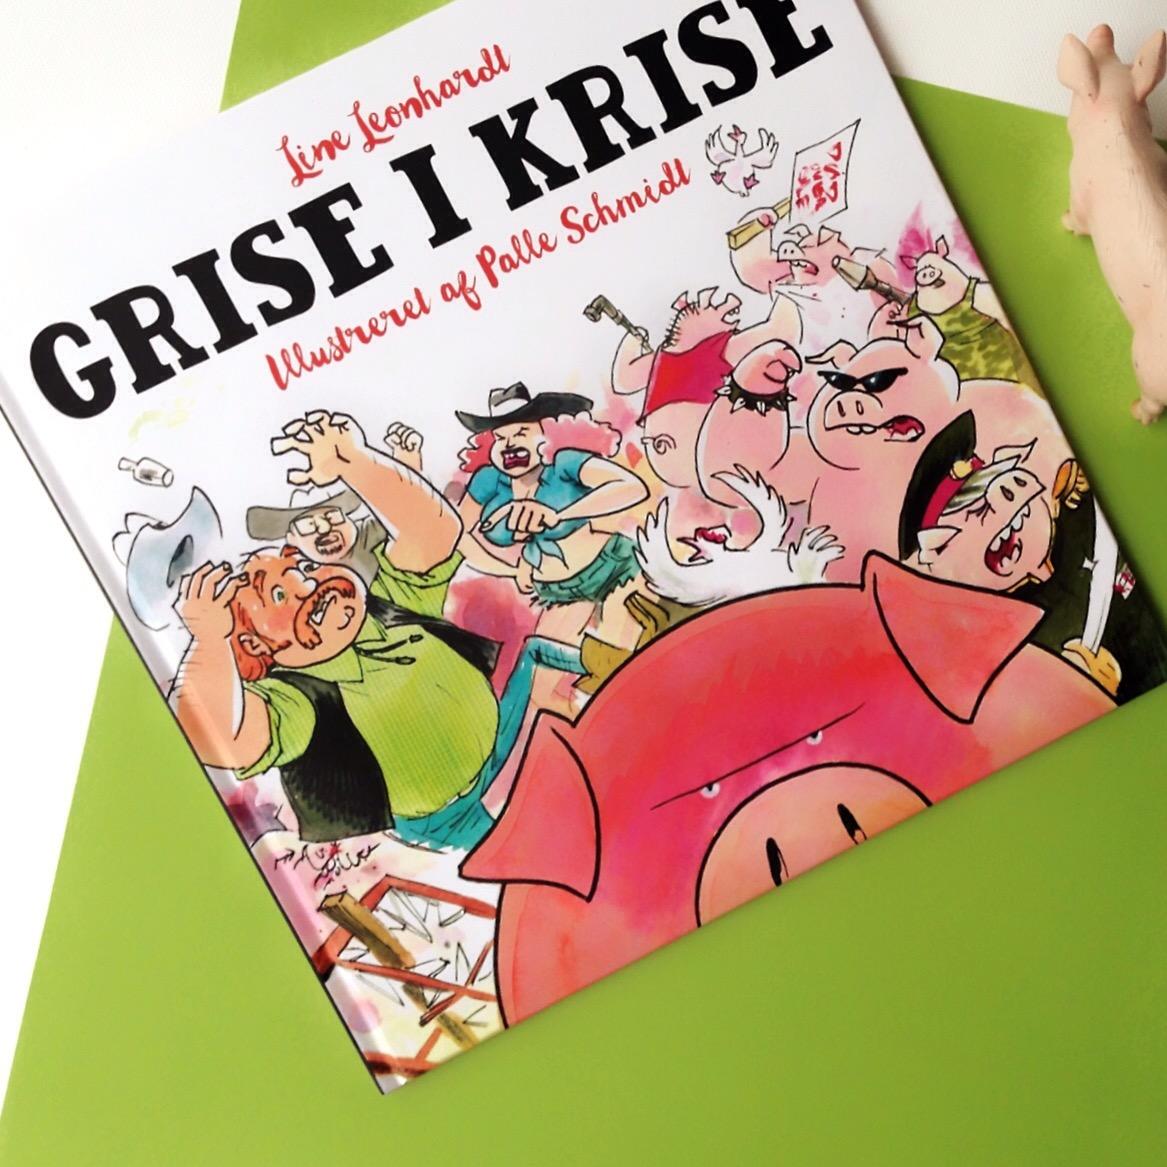 Line Leonhardt, Palle Schmidt, Grise i krise, Bogoplevelsen